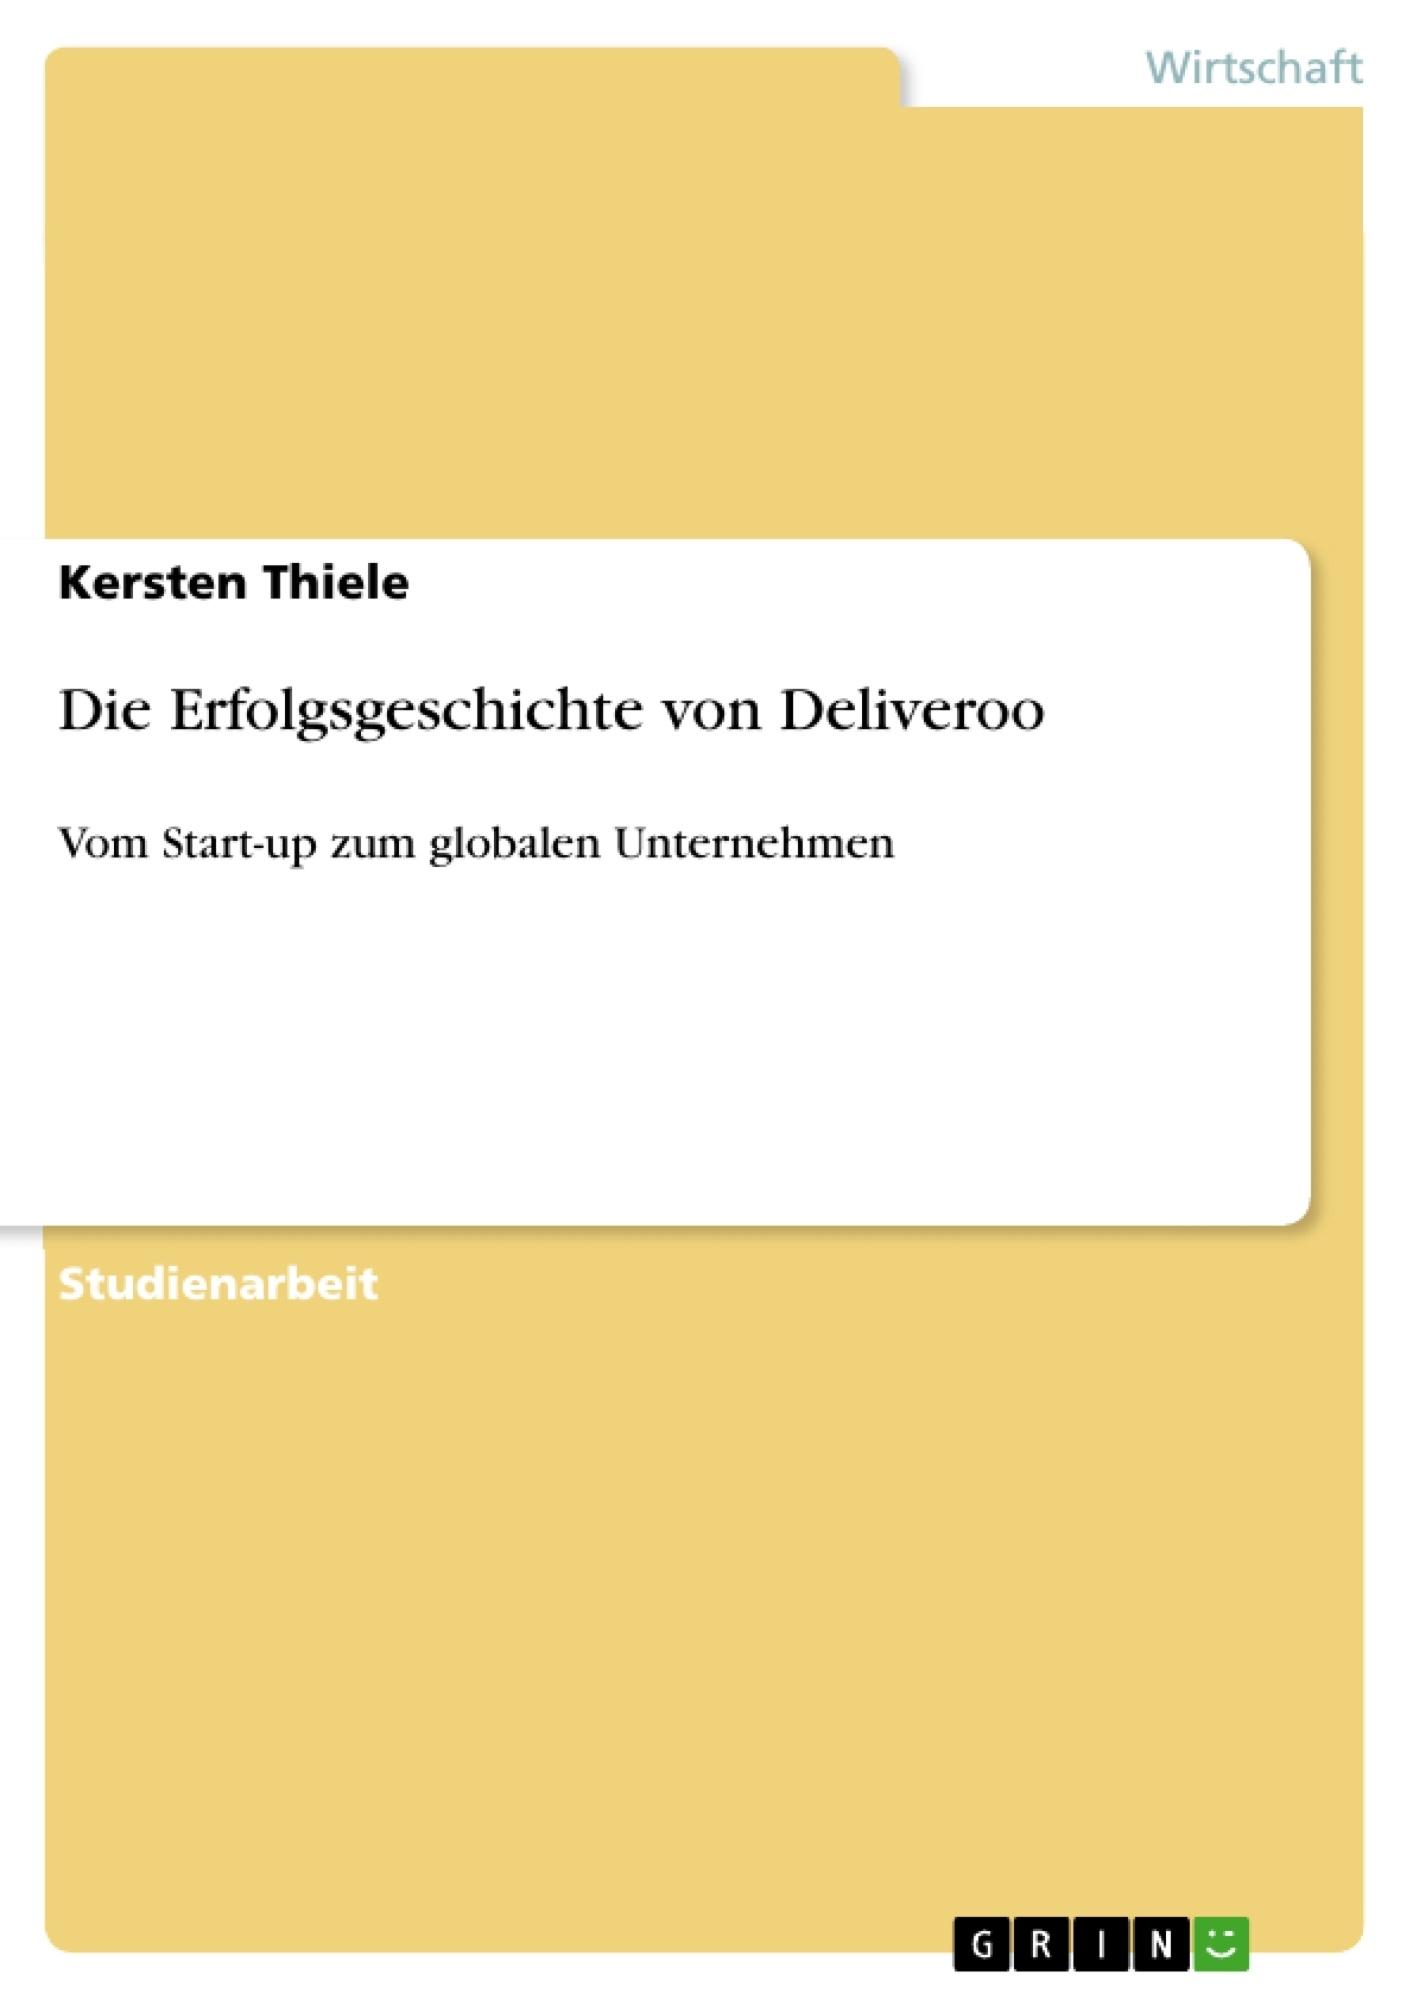 Titel: Die Erfolgsgeschichte von Deliveroo